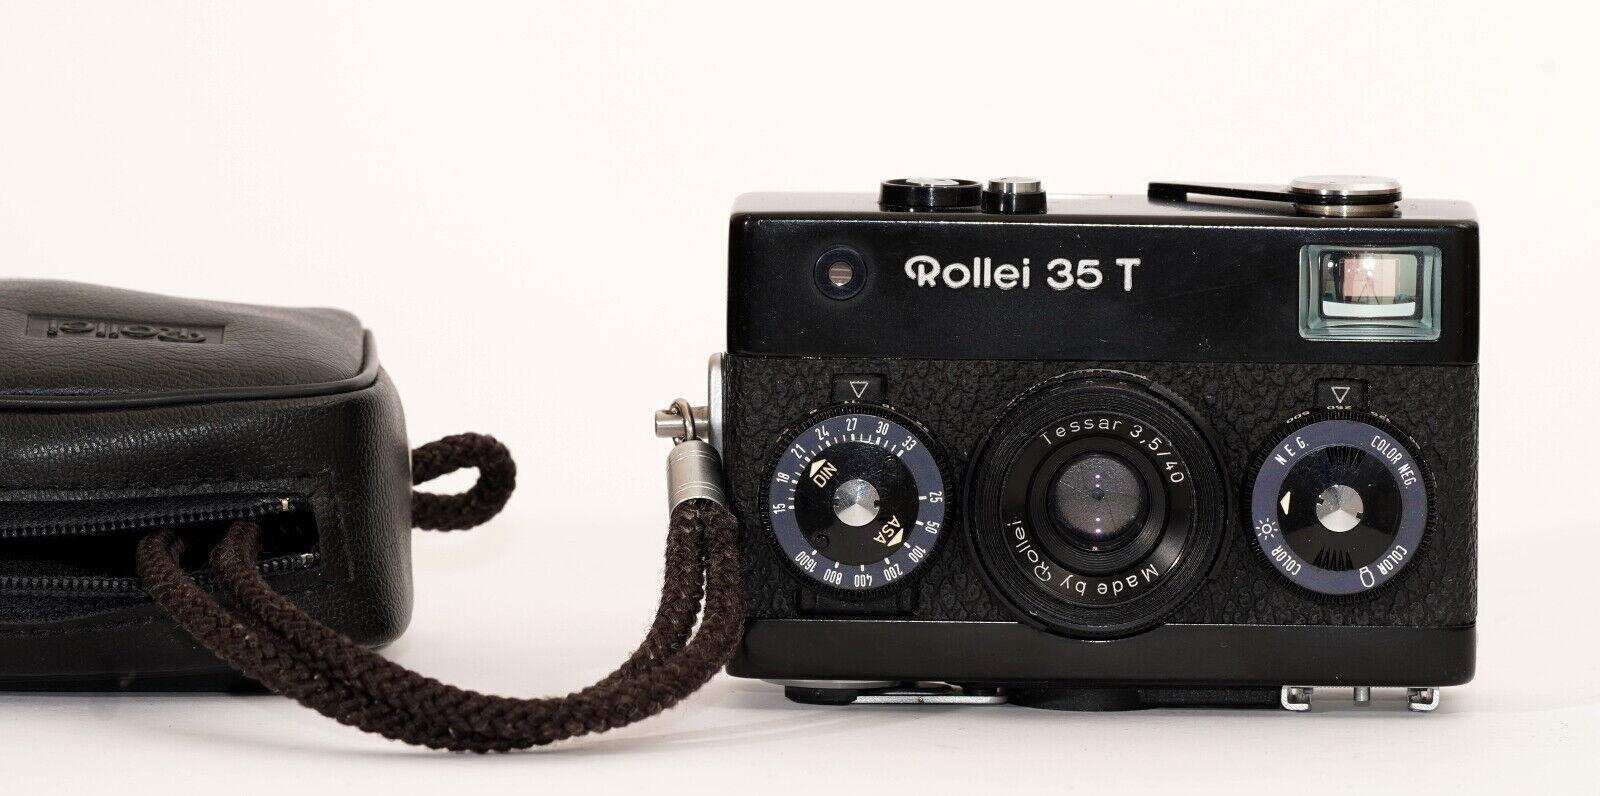 Sucherkamera Rollei 35 T #6414135, frisch aus dem Service und umgerüstet